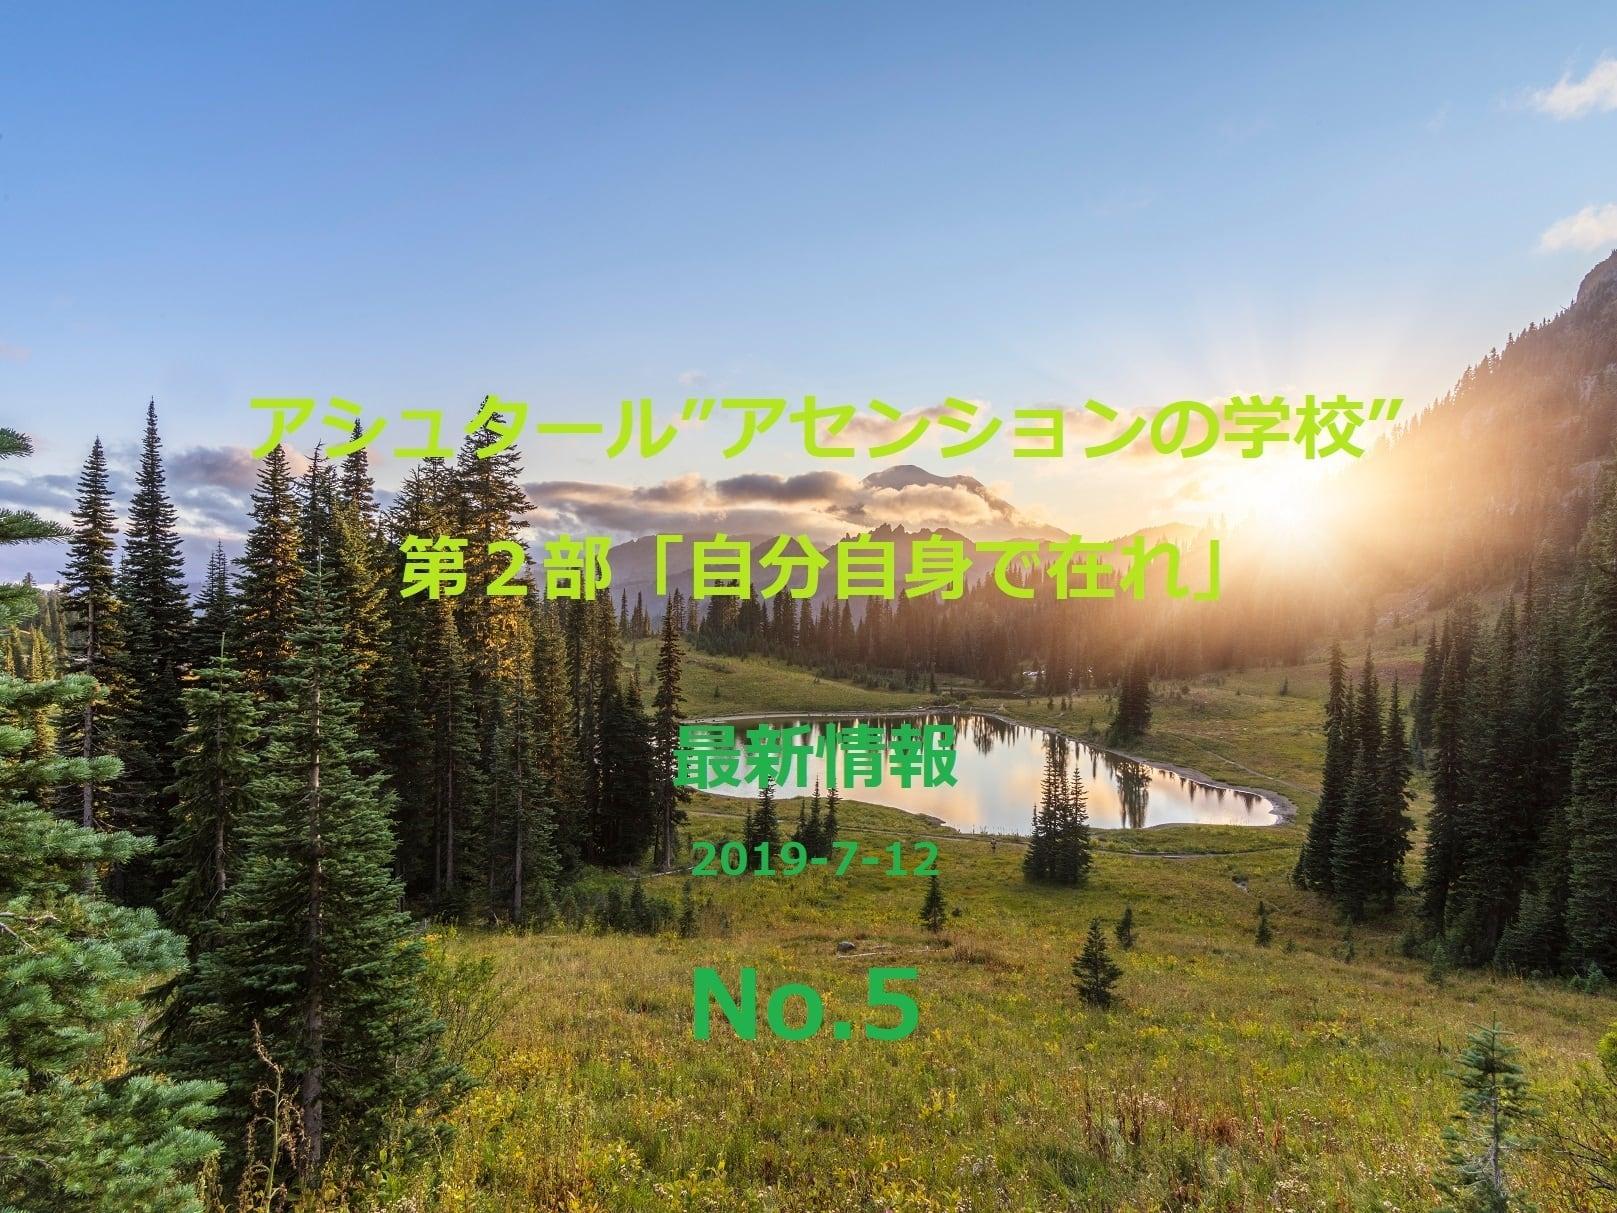 アシュタール最新情報No.5(2019-7-12)